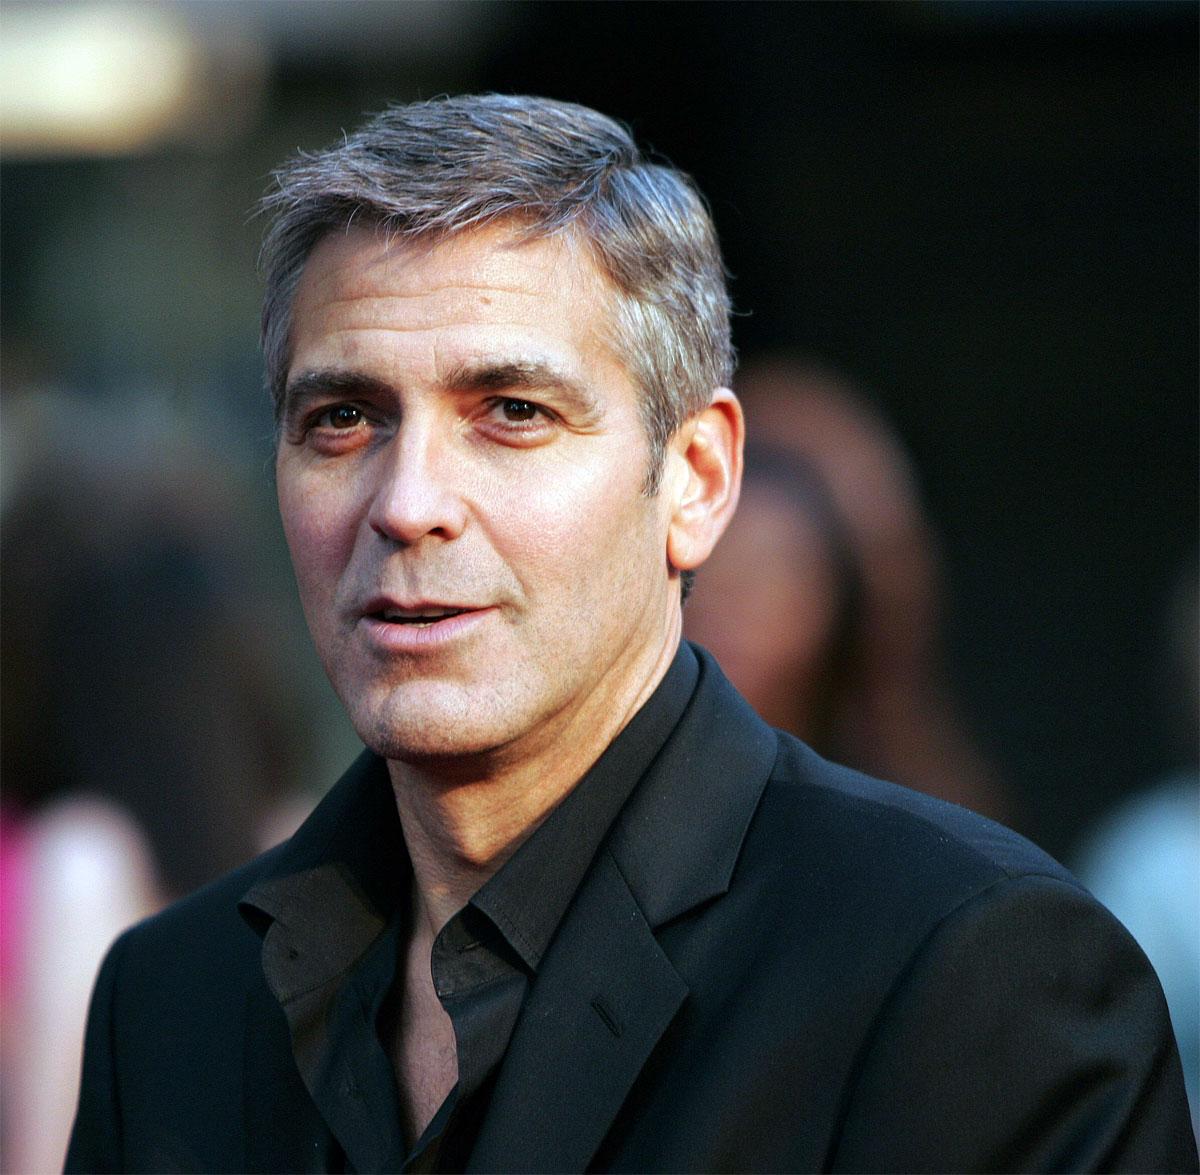 Foto di George Clooney